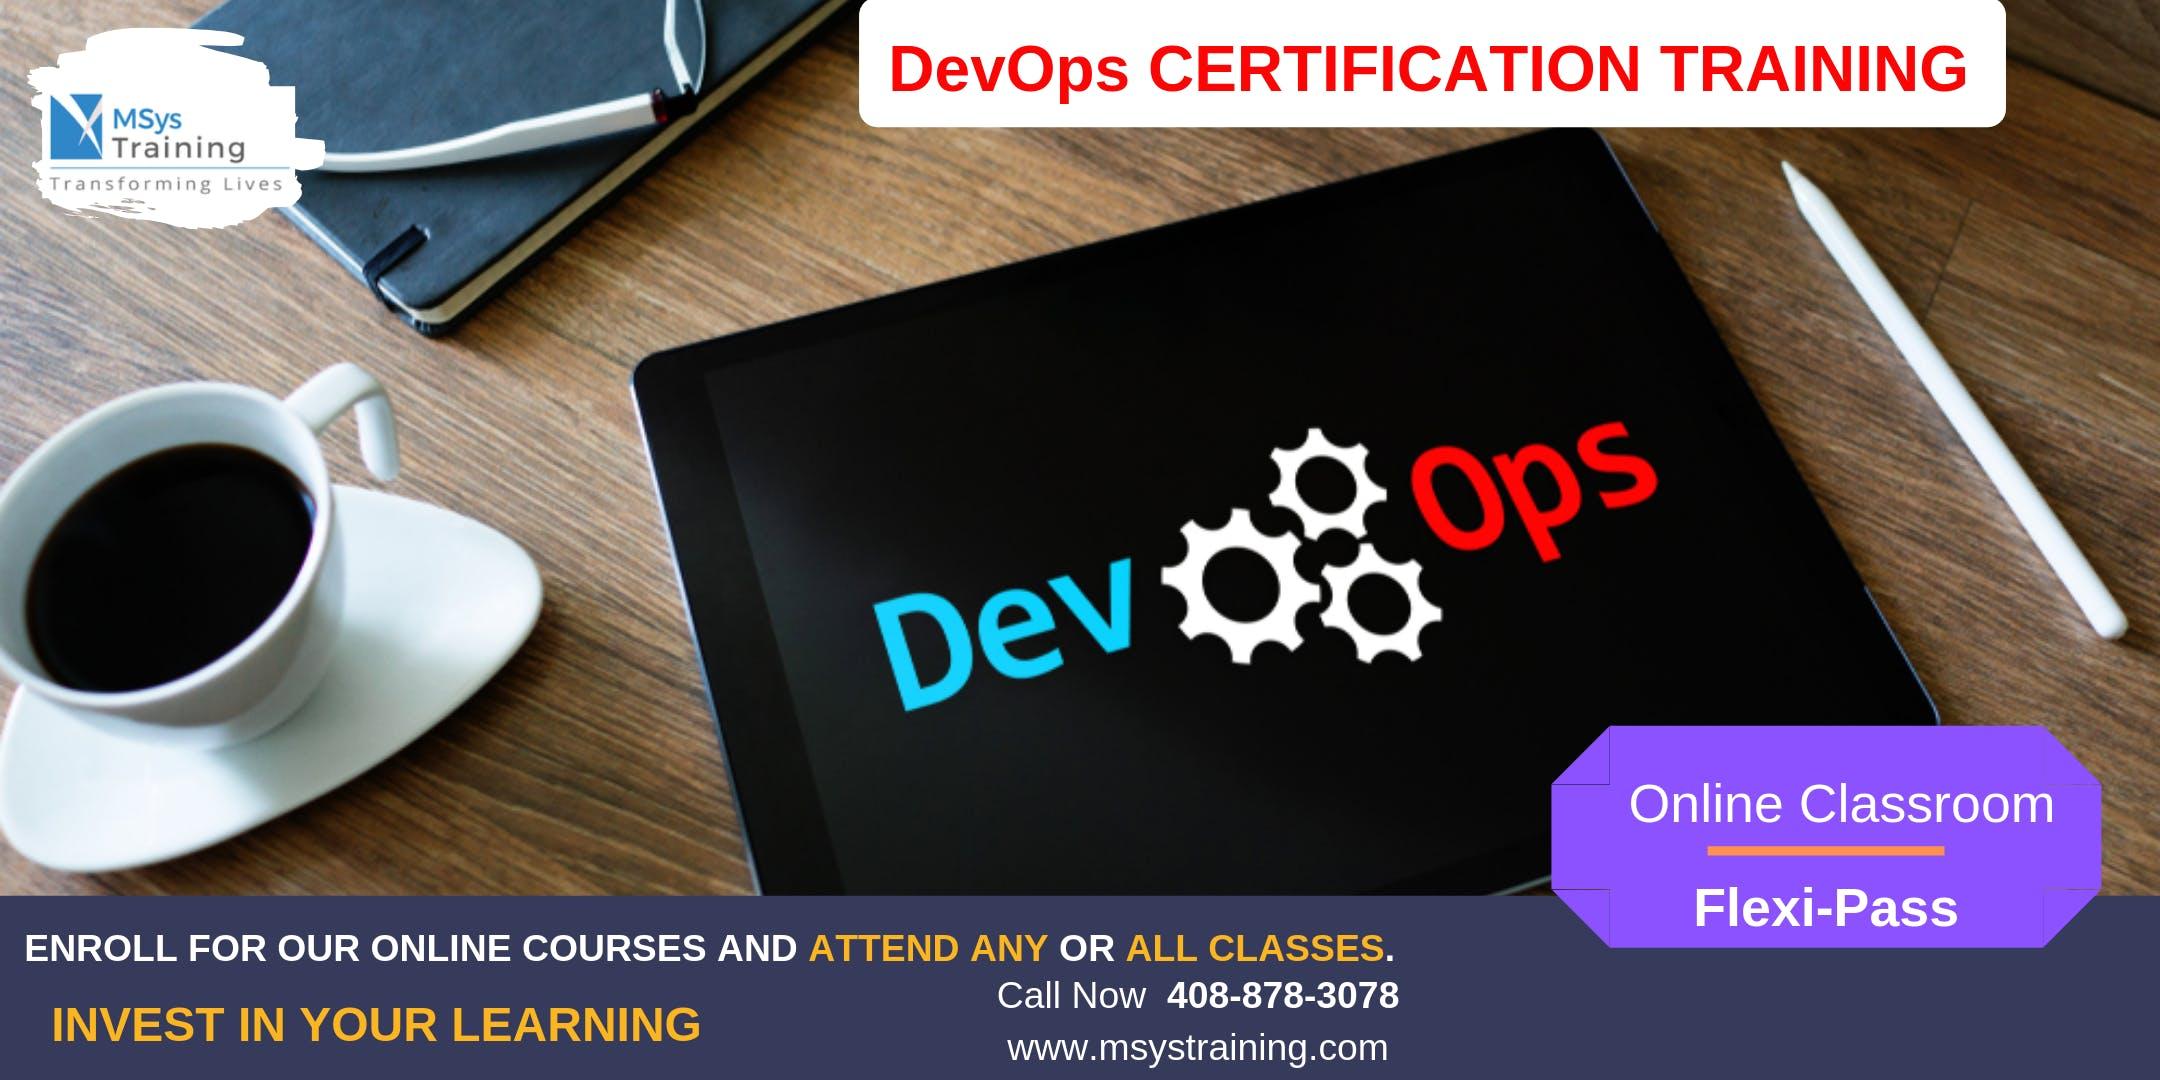 DevOps Certification Training in Phoenix, AZ